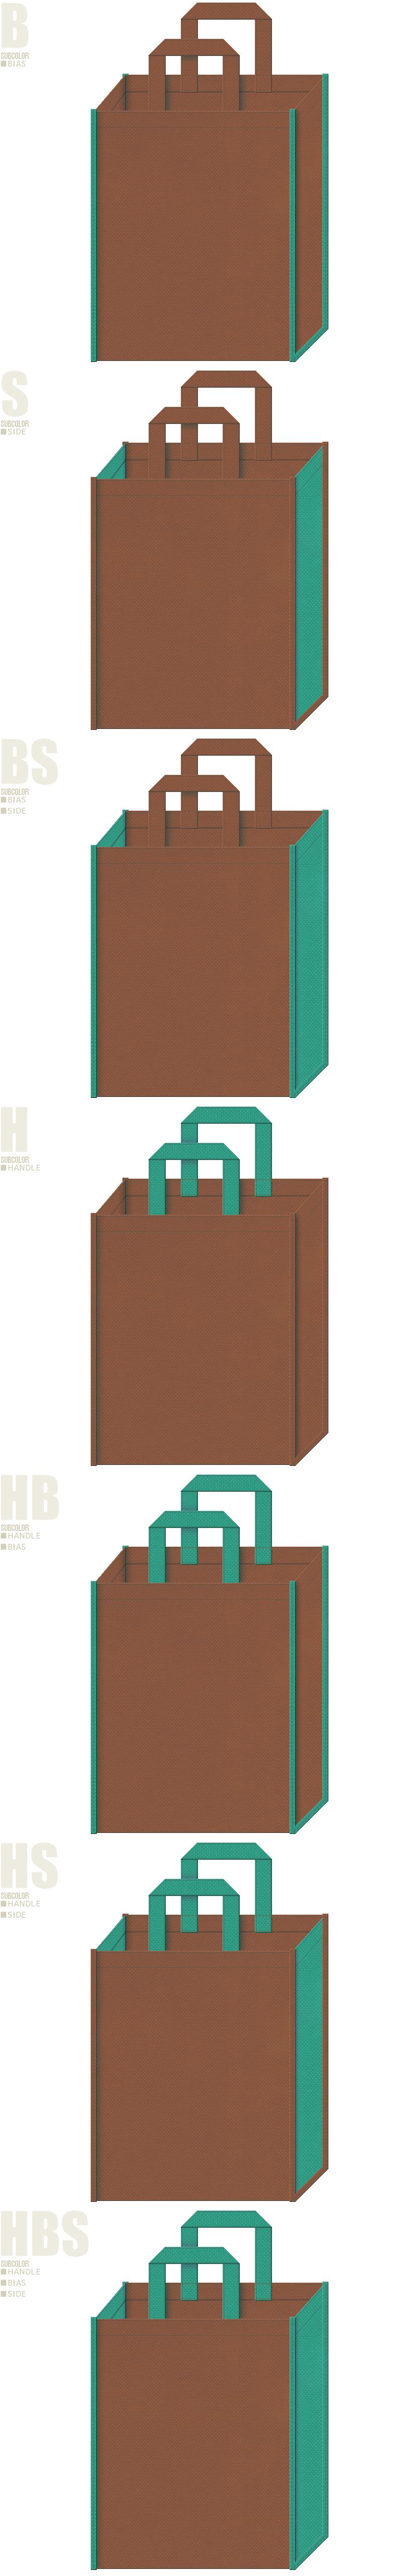 園芸用品の展示会用バッグ、緑化・エコセミナーの資料配布用バッグにお奨めです。茶色と青緑色、7パターンの不織布トートバッグ配色デザイン例。